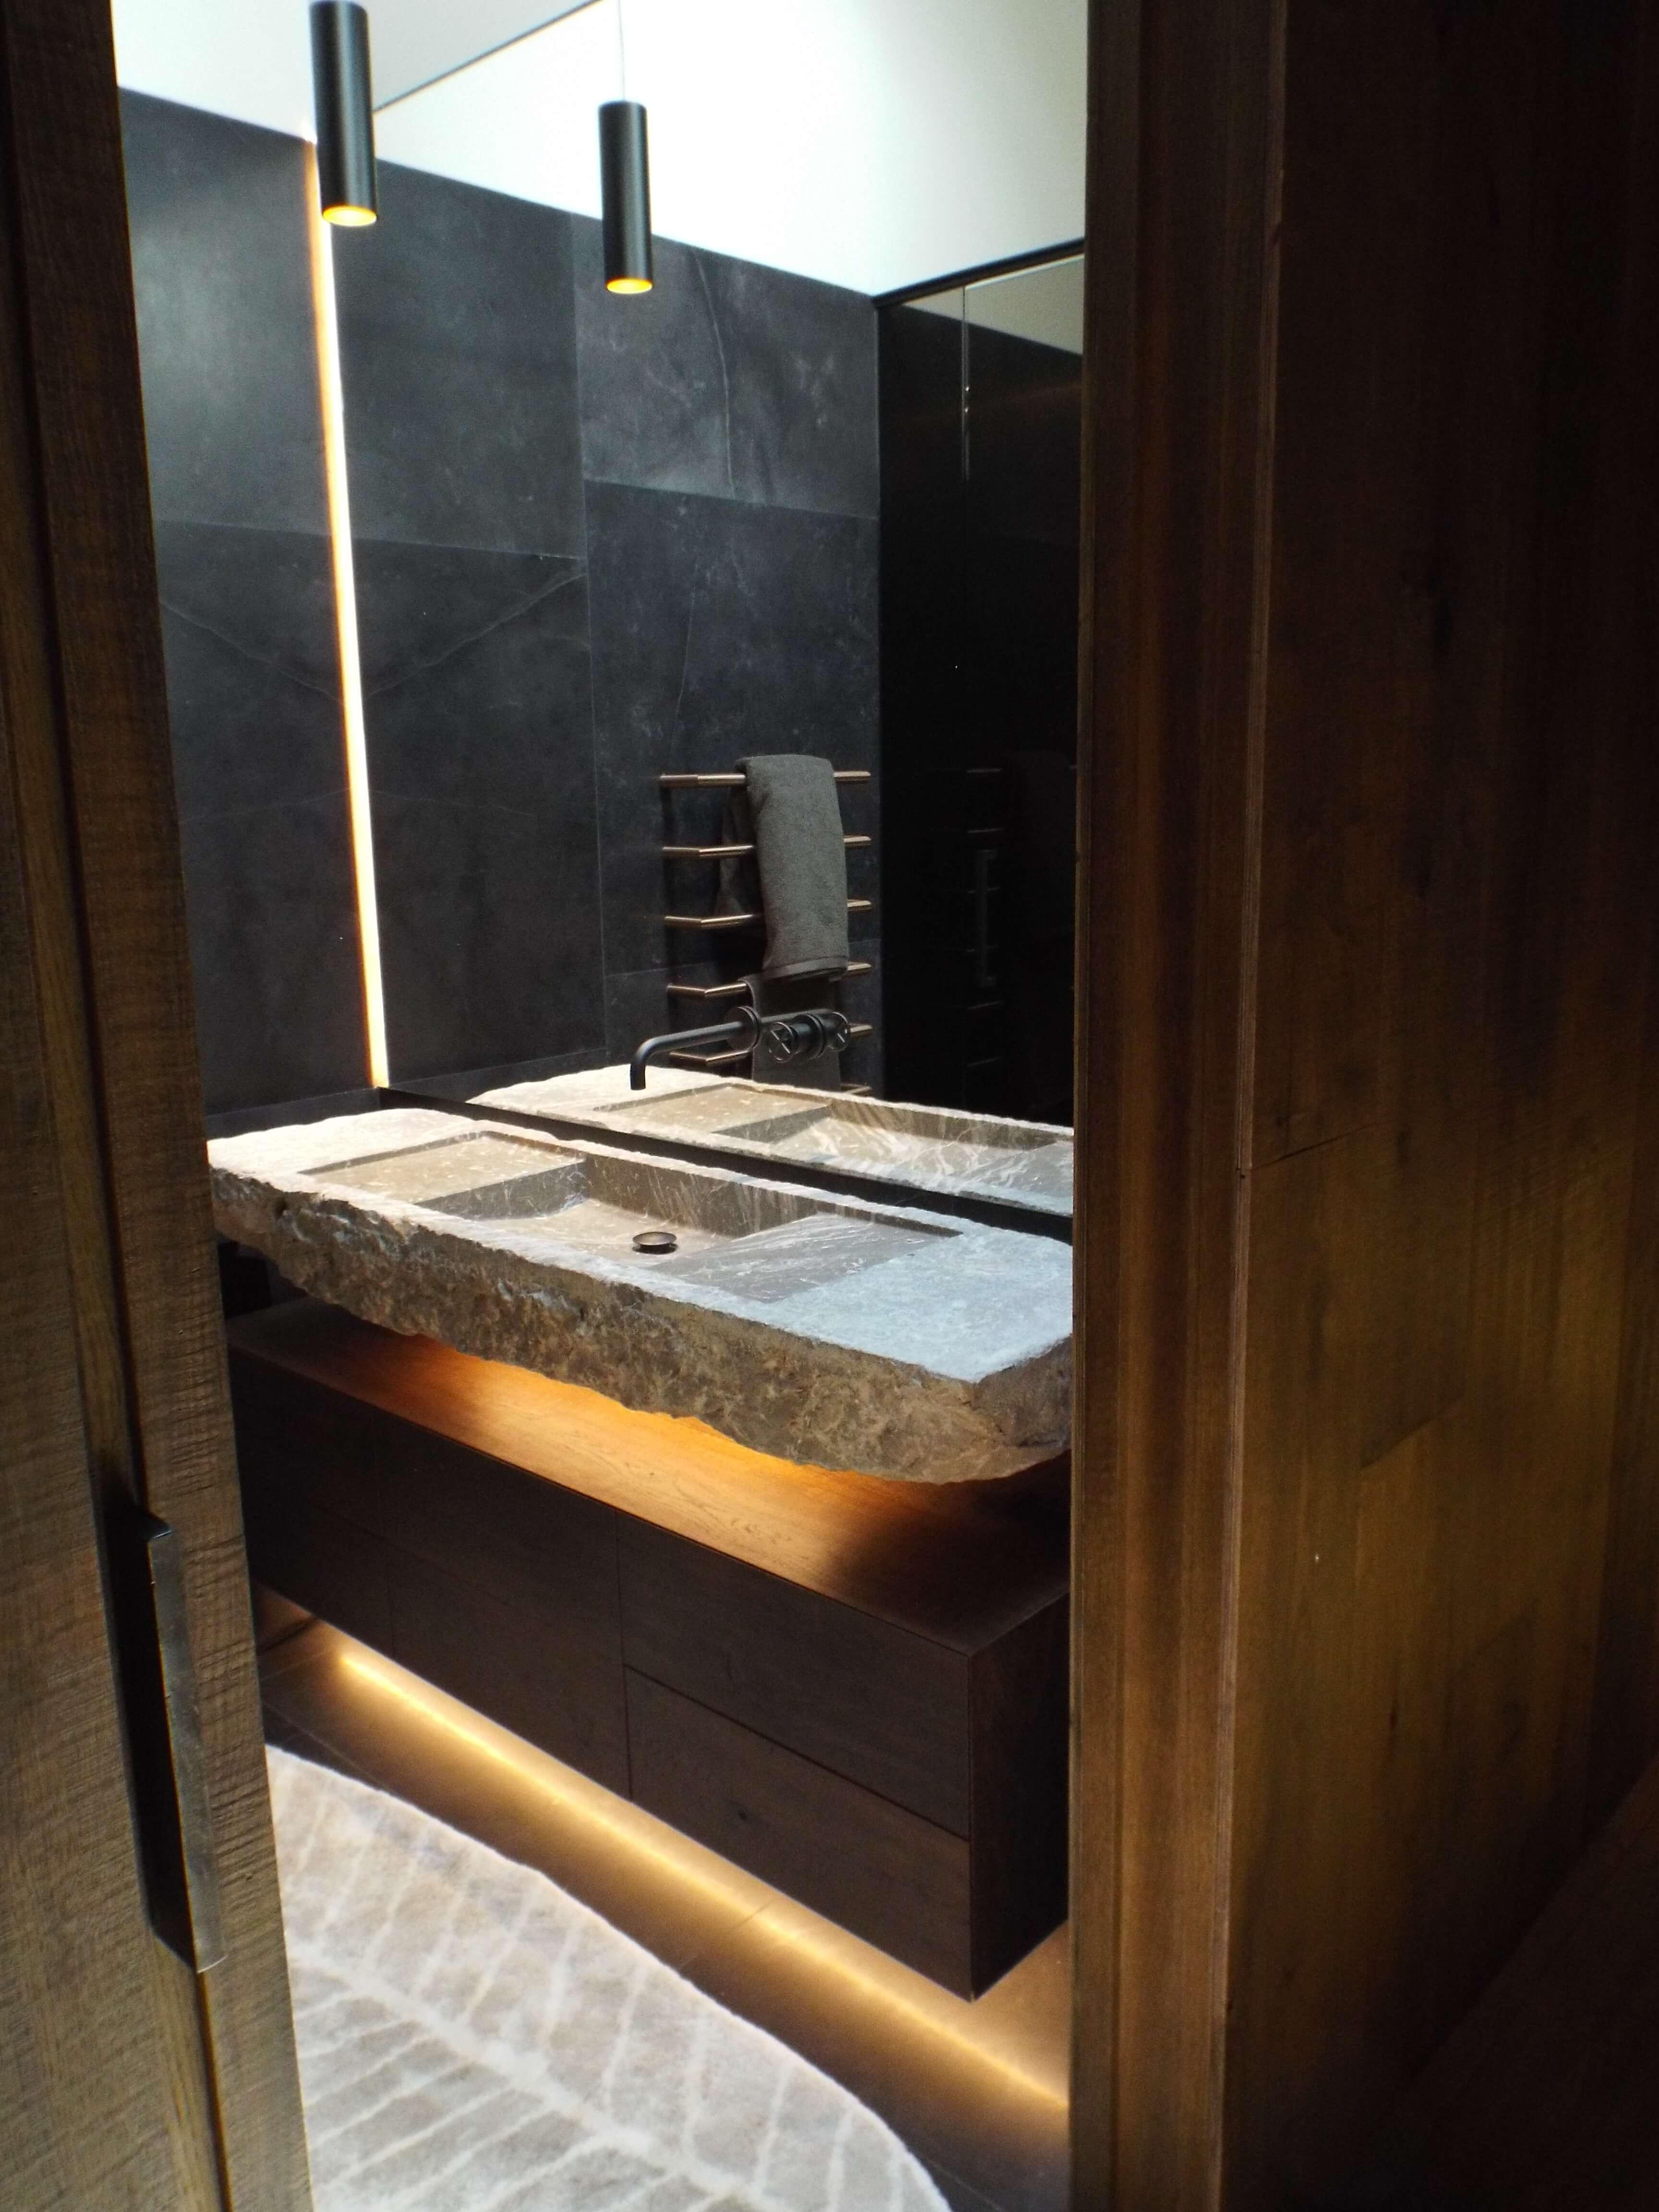 Iluminación cuarto de baño casa rubielos de mora teruel - Inel